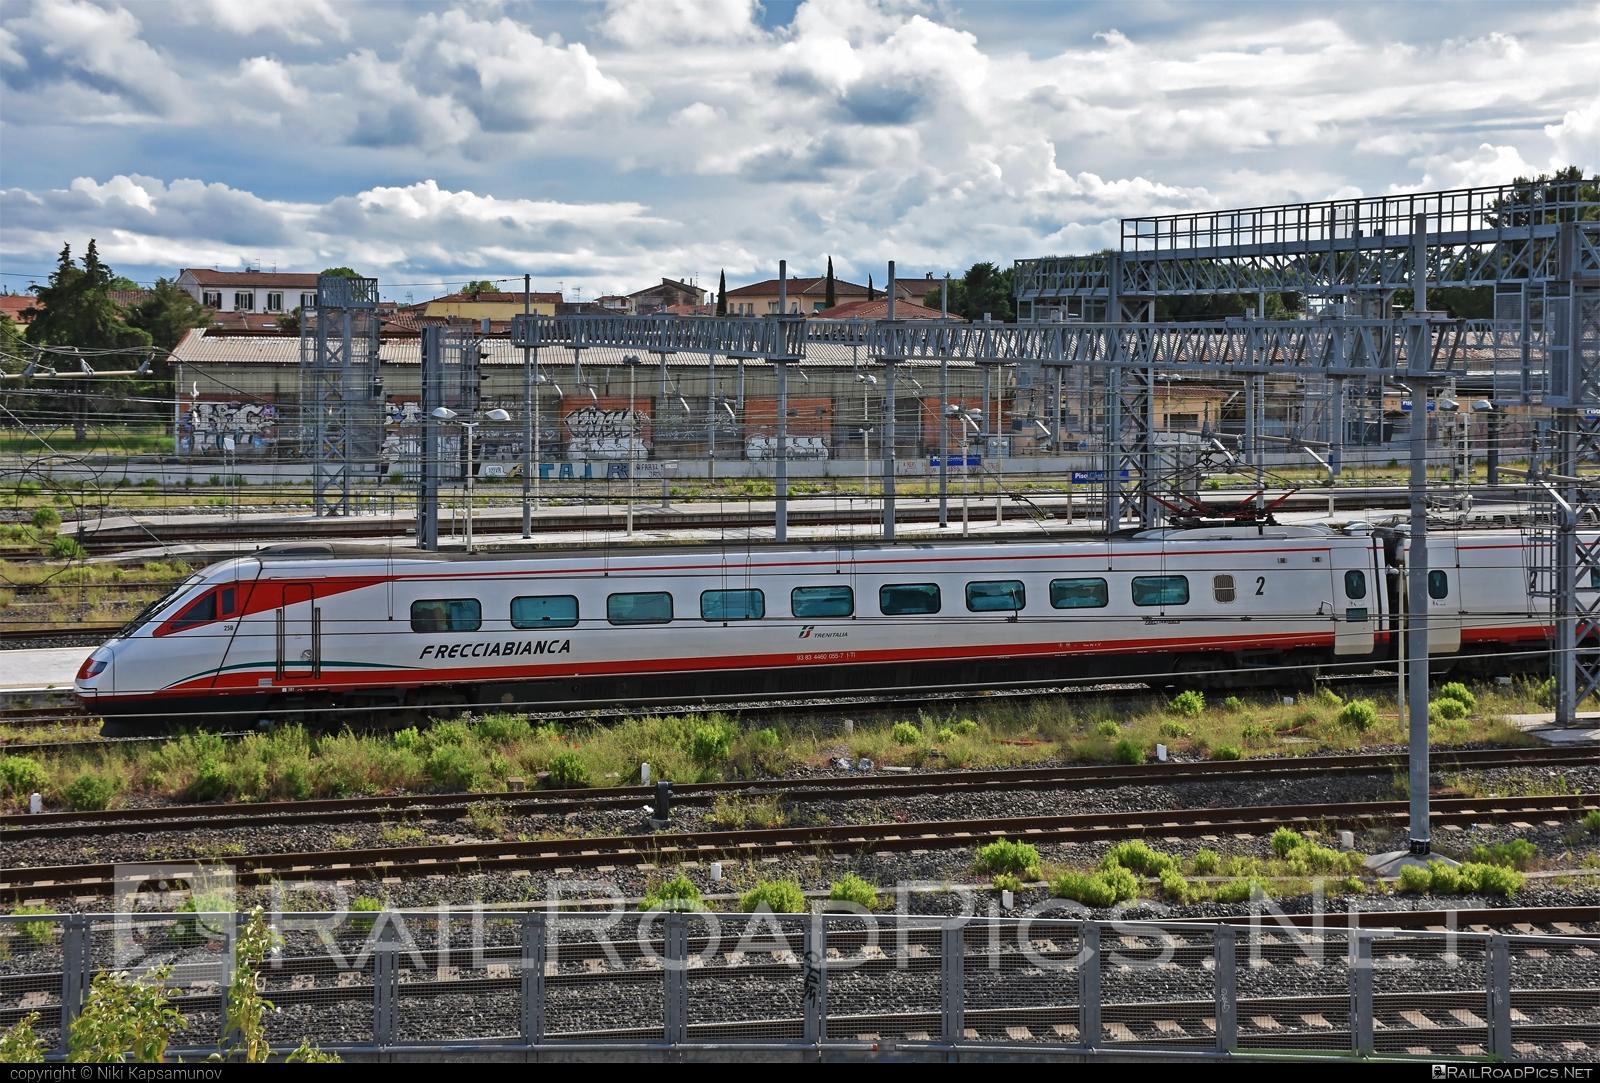 Fiat Ferroviaria ETR.460 - 460 055-7 operated by Trenitalia S.p.A. #etr460 #ferroviedellostato #fiatferroviaria #frecciabianca #fs #fsitaliane #lefrecce #pendolino #trenitalia #trenitaliaspa